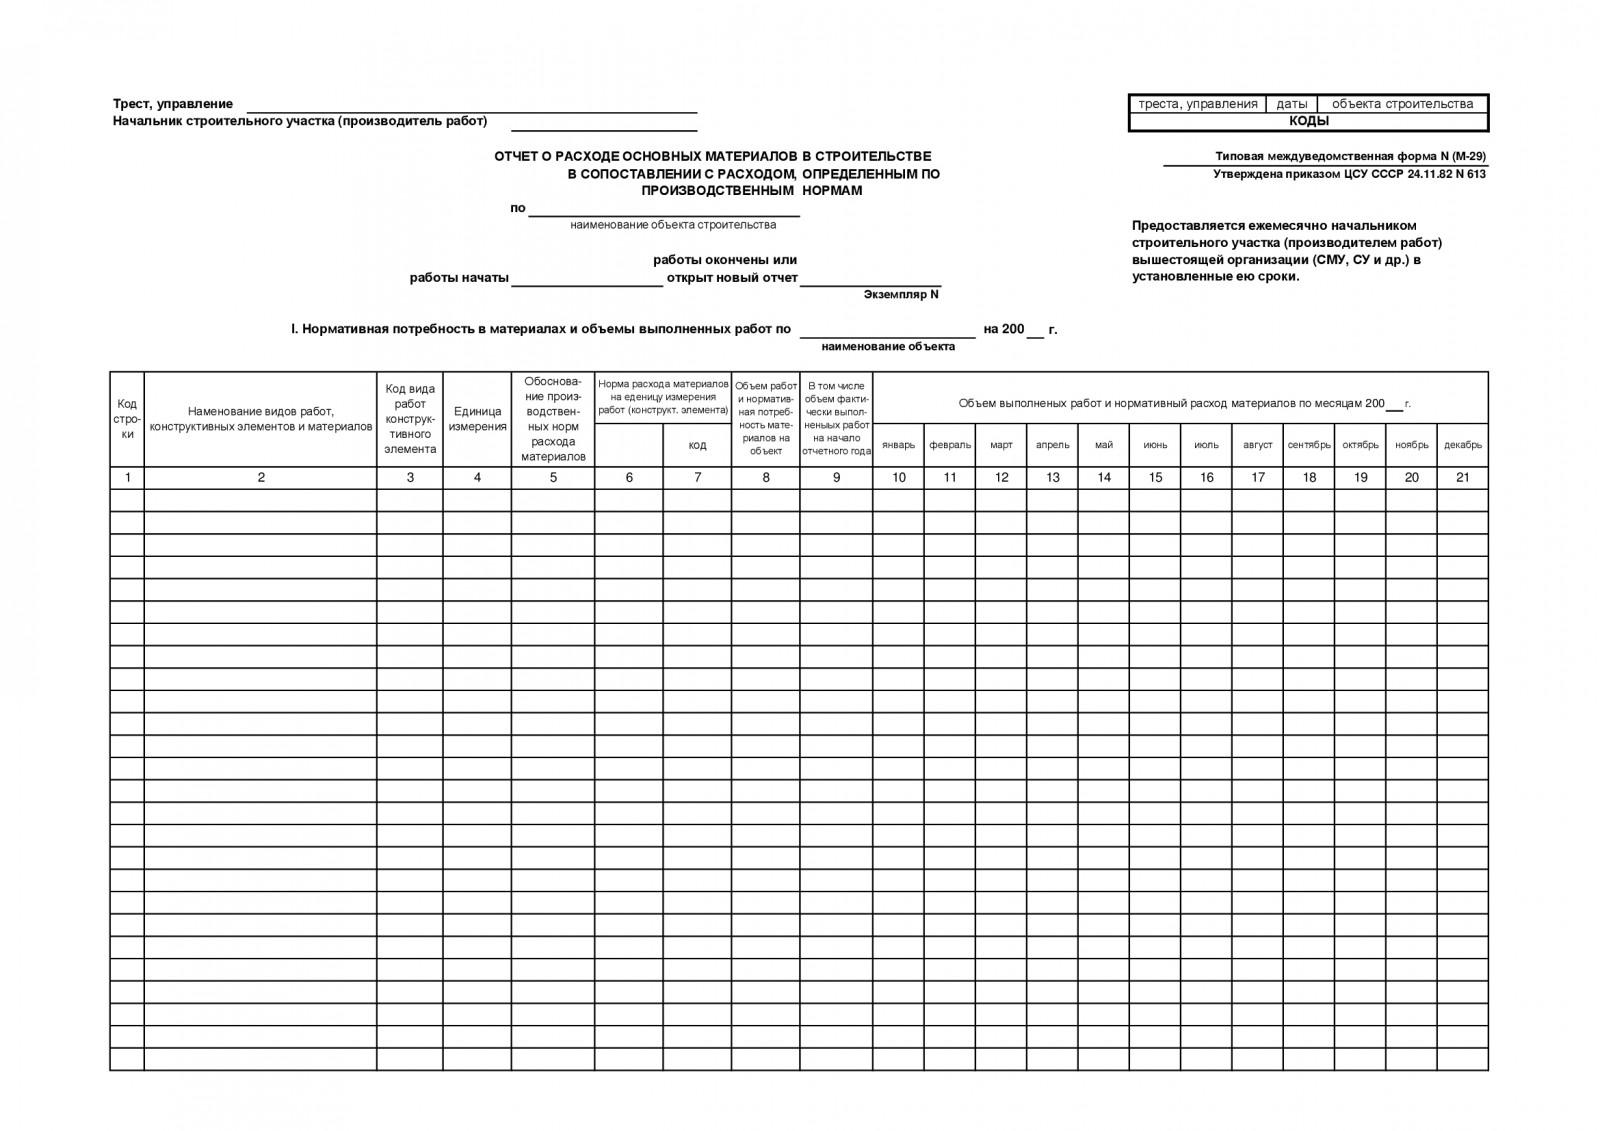 Отчет расходов основных материалов